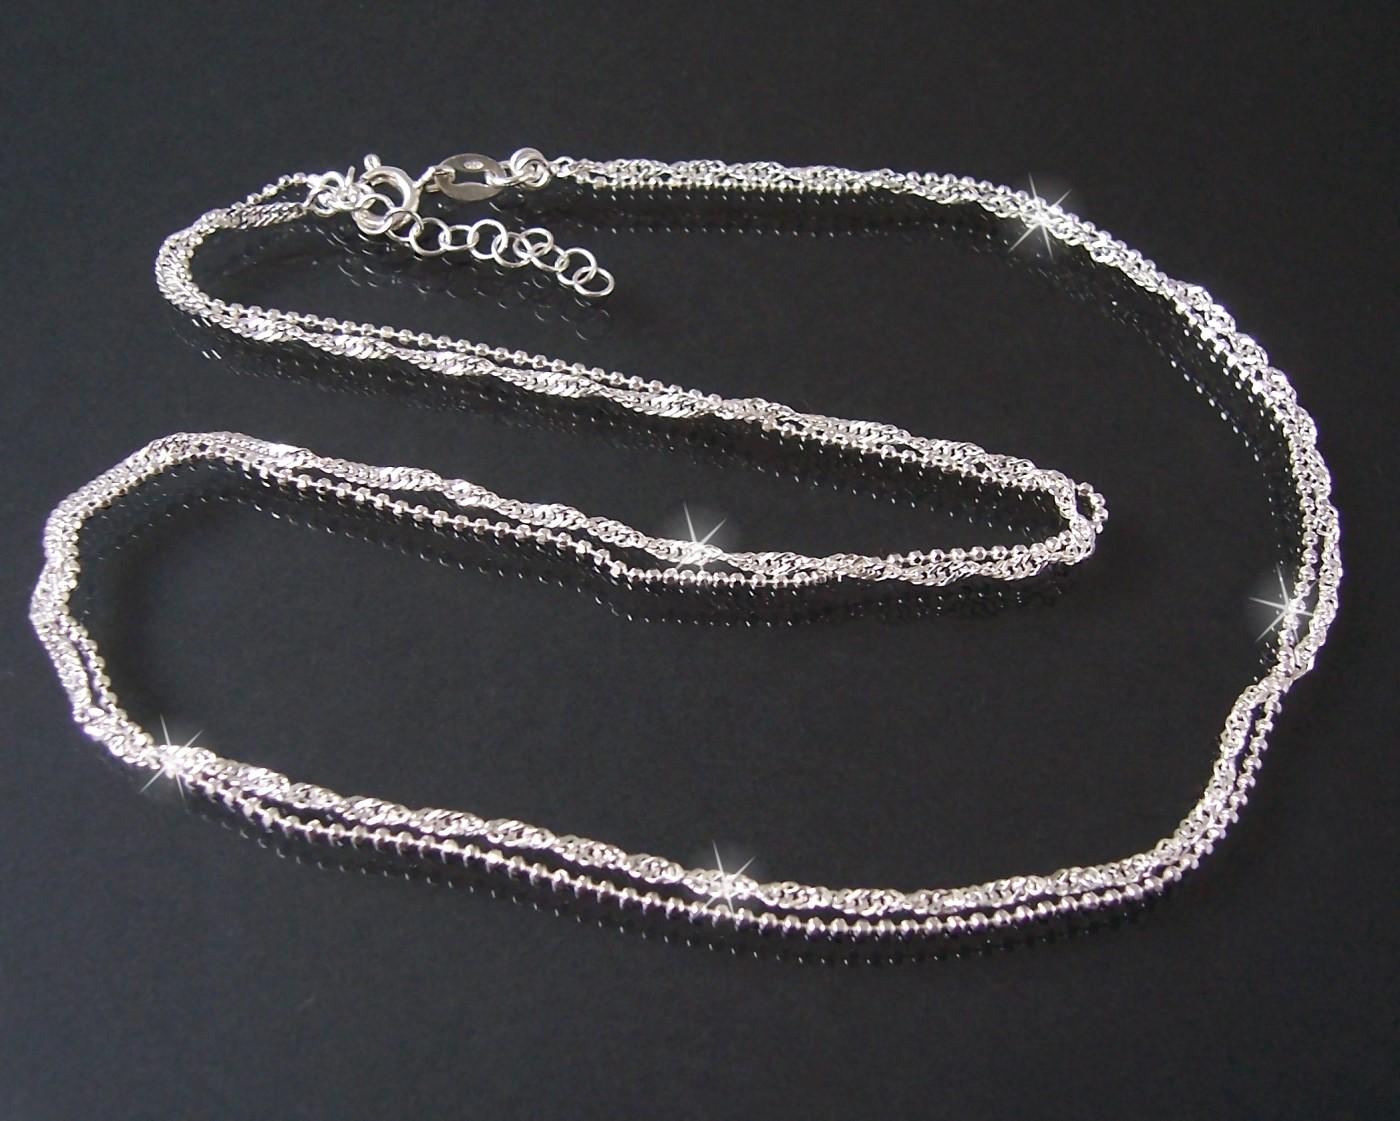 Halskette 2 Ketten Singapur- Kugelkette 925 Silber 3mmx45cm 14830-45